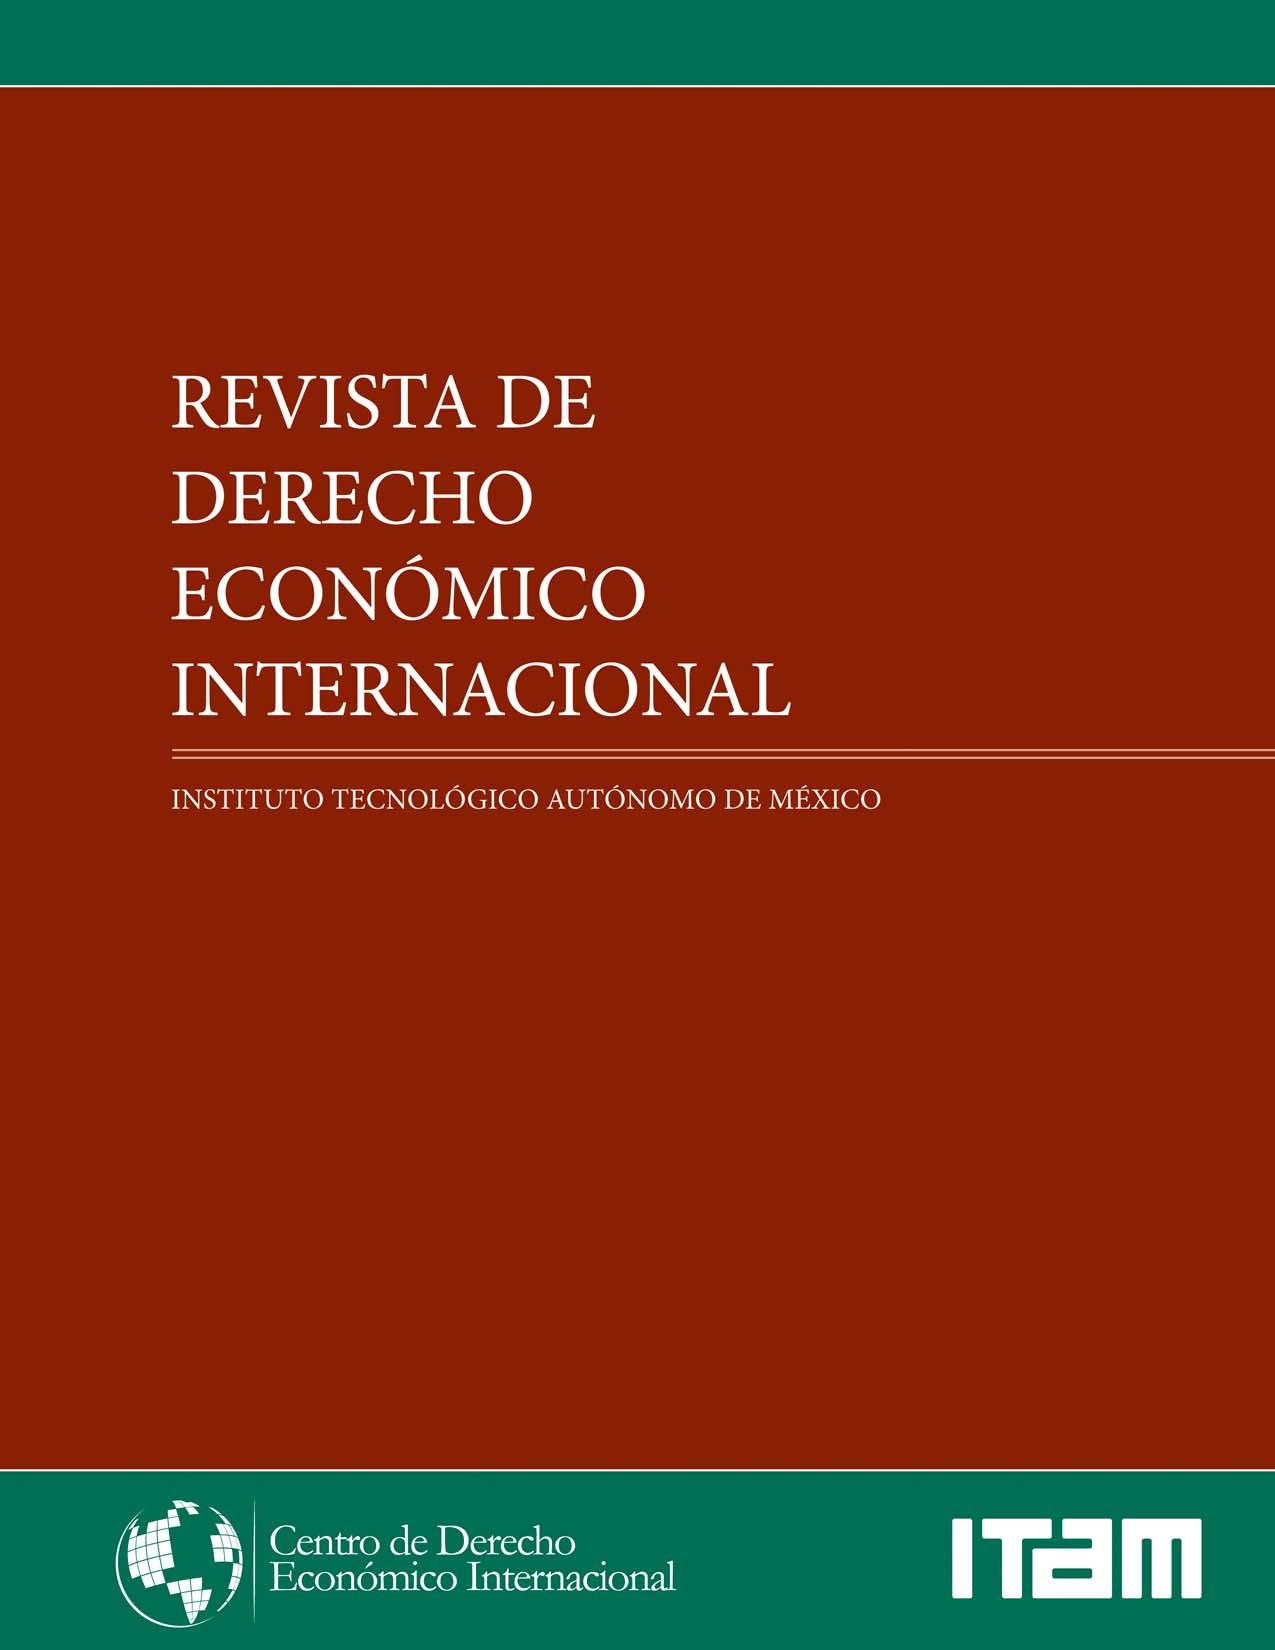 Revista de Derecho Económico Internacional